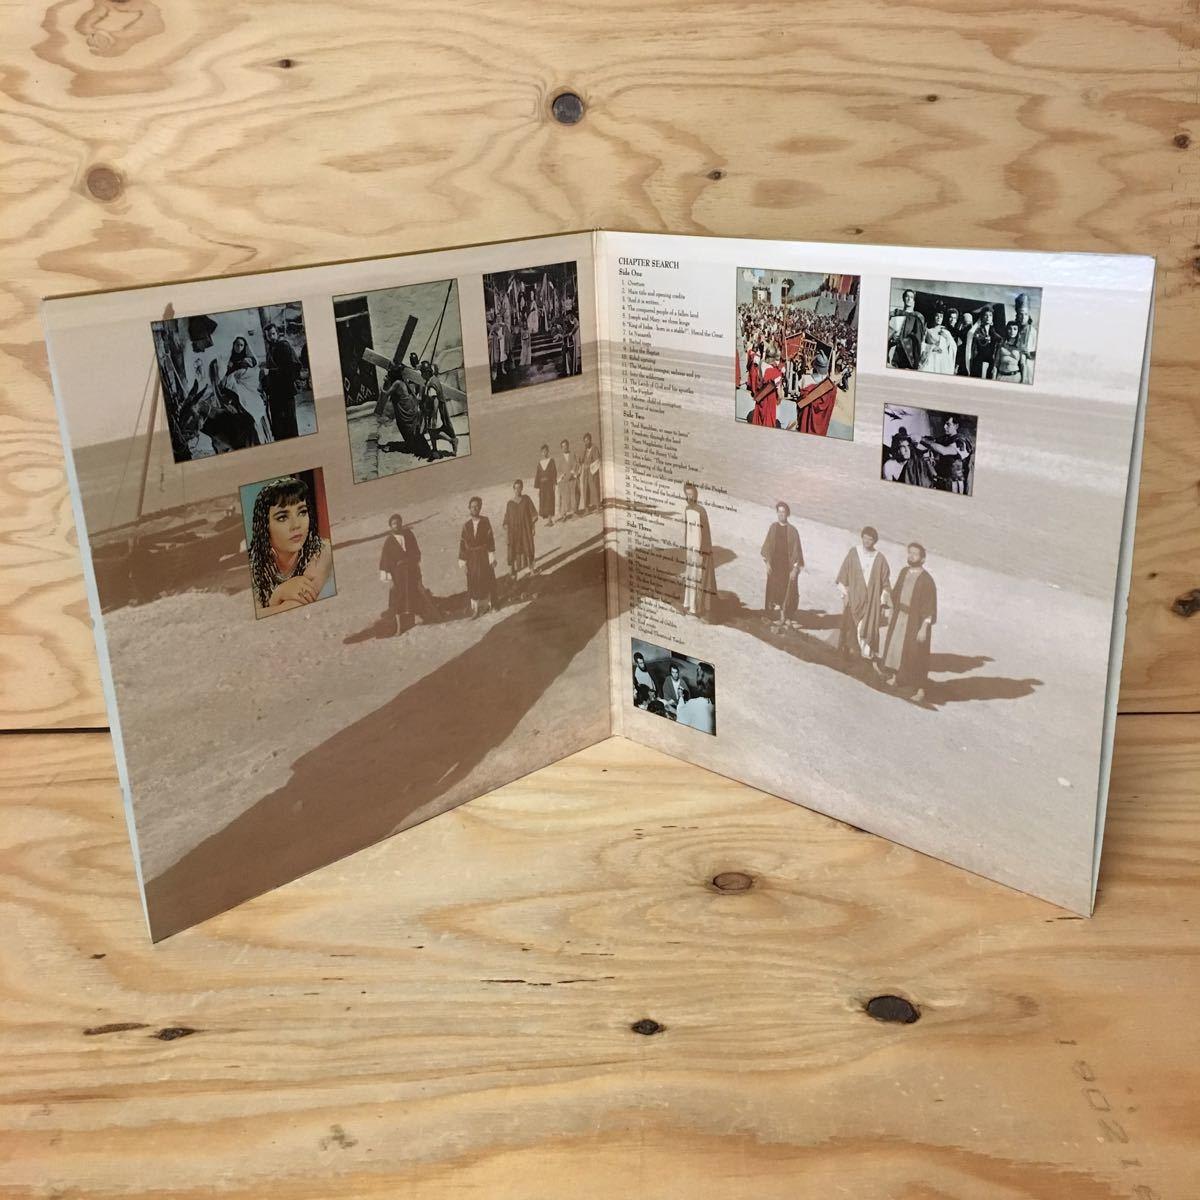 ◎Y3FJJD-200306 レア[KING OF KINGS 輸入盤]LD レーザーディスク JEFFREY HUNTER NICHOLAS RAY_画像4